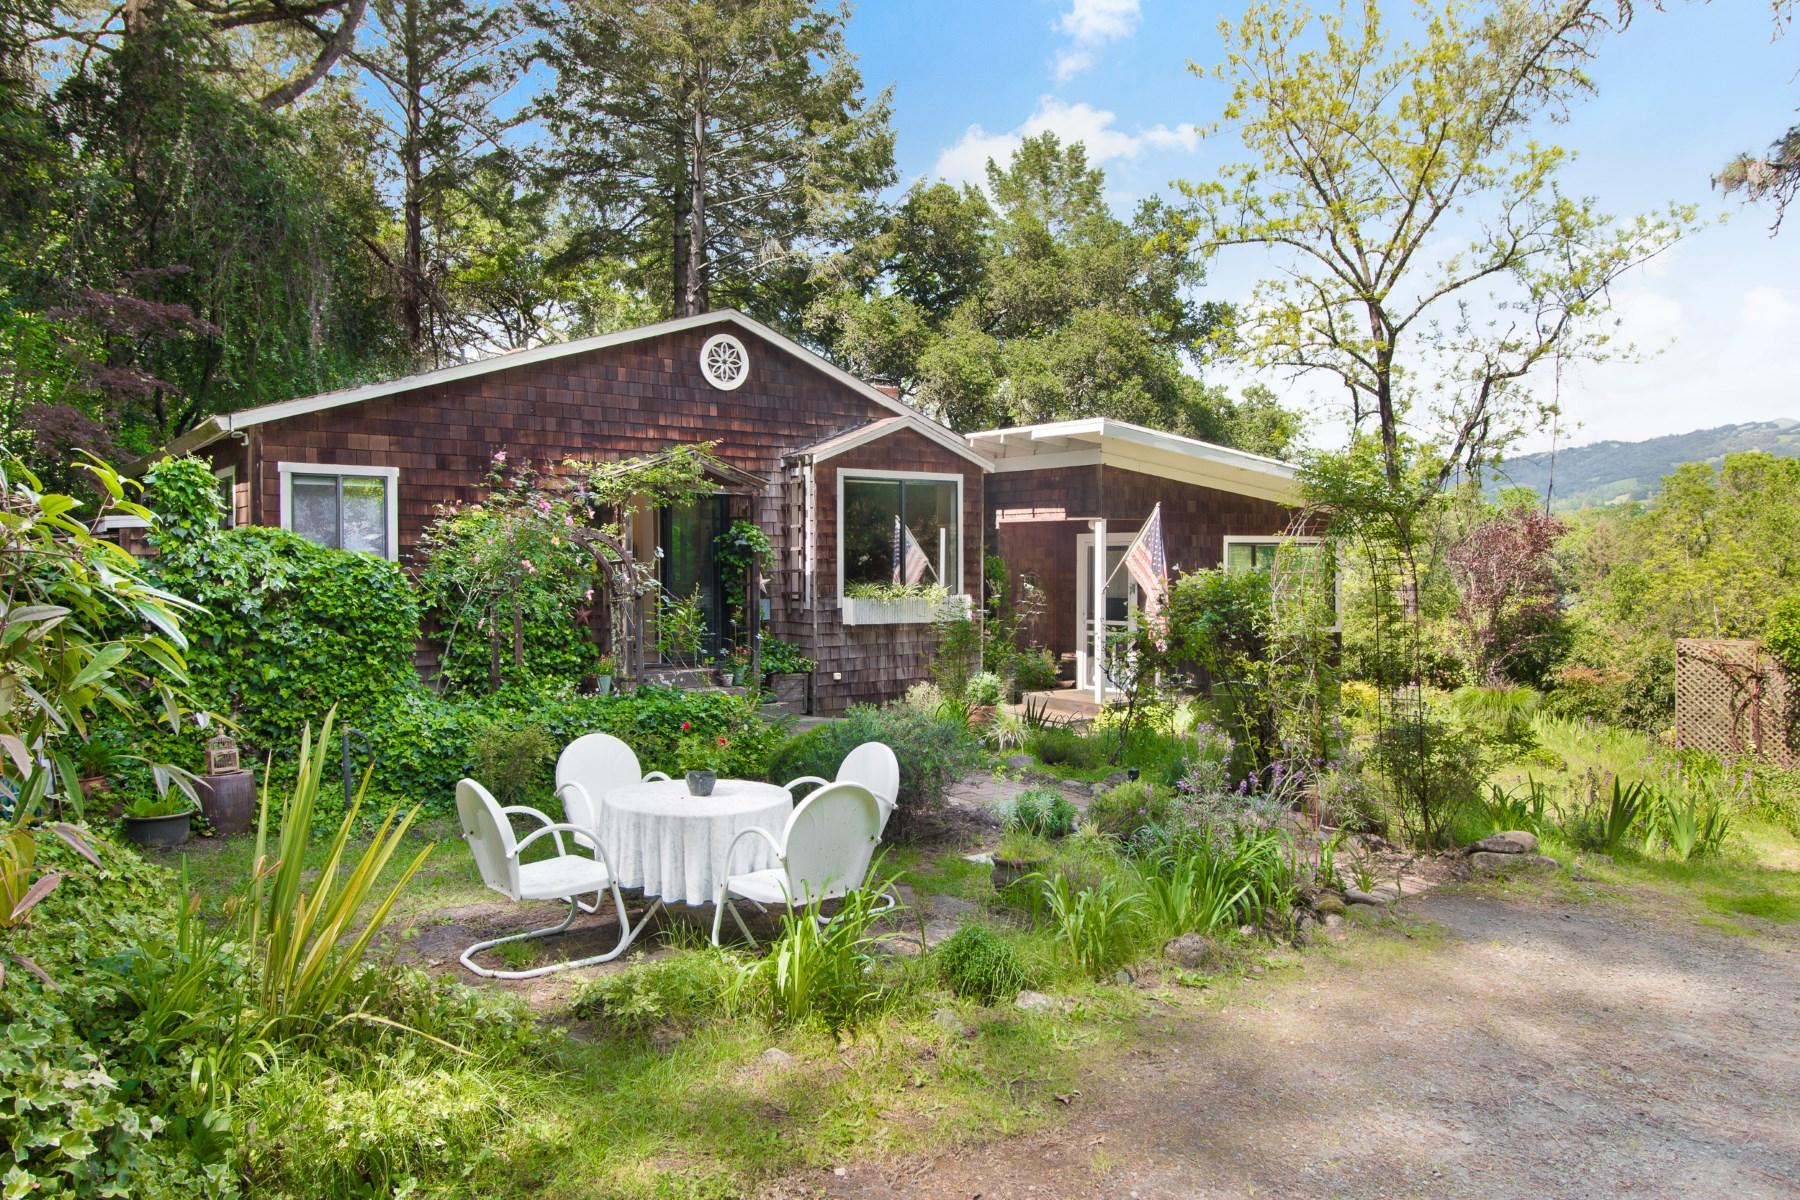 農場/牧場 / プランテーション のために 売買 アット Alexander Valley Cottage and Farm 14722 Chalk Hill Rd Healdsburg, カリフォルニア, 95448 アメリカ合衆国